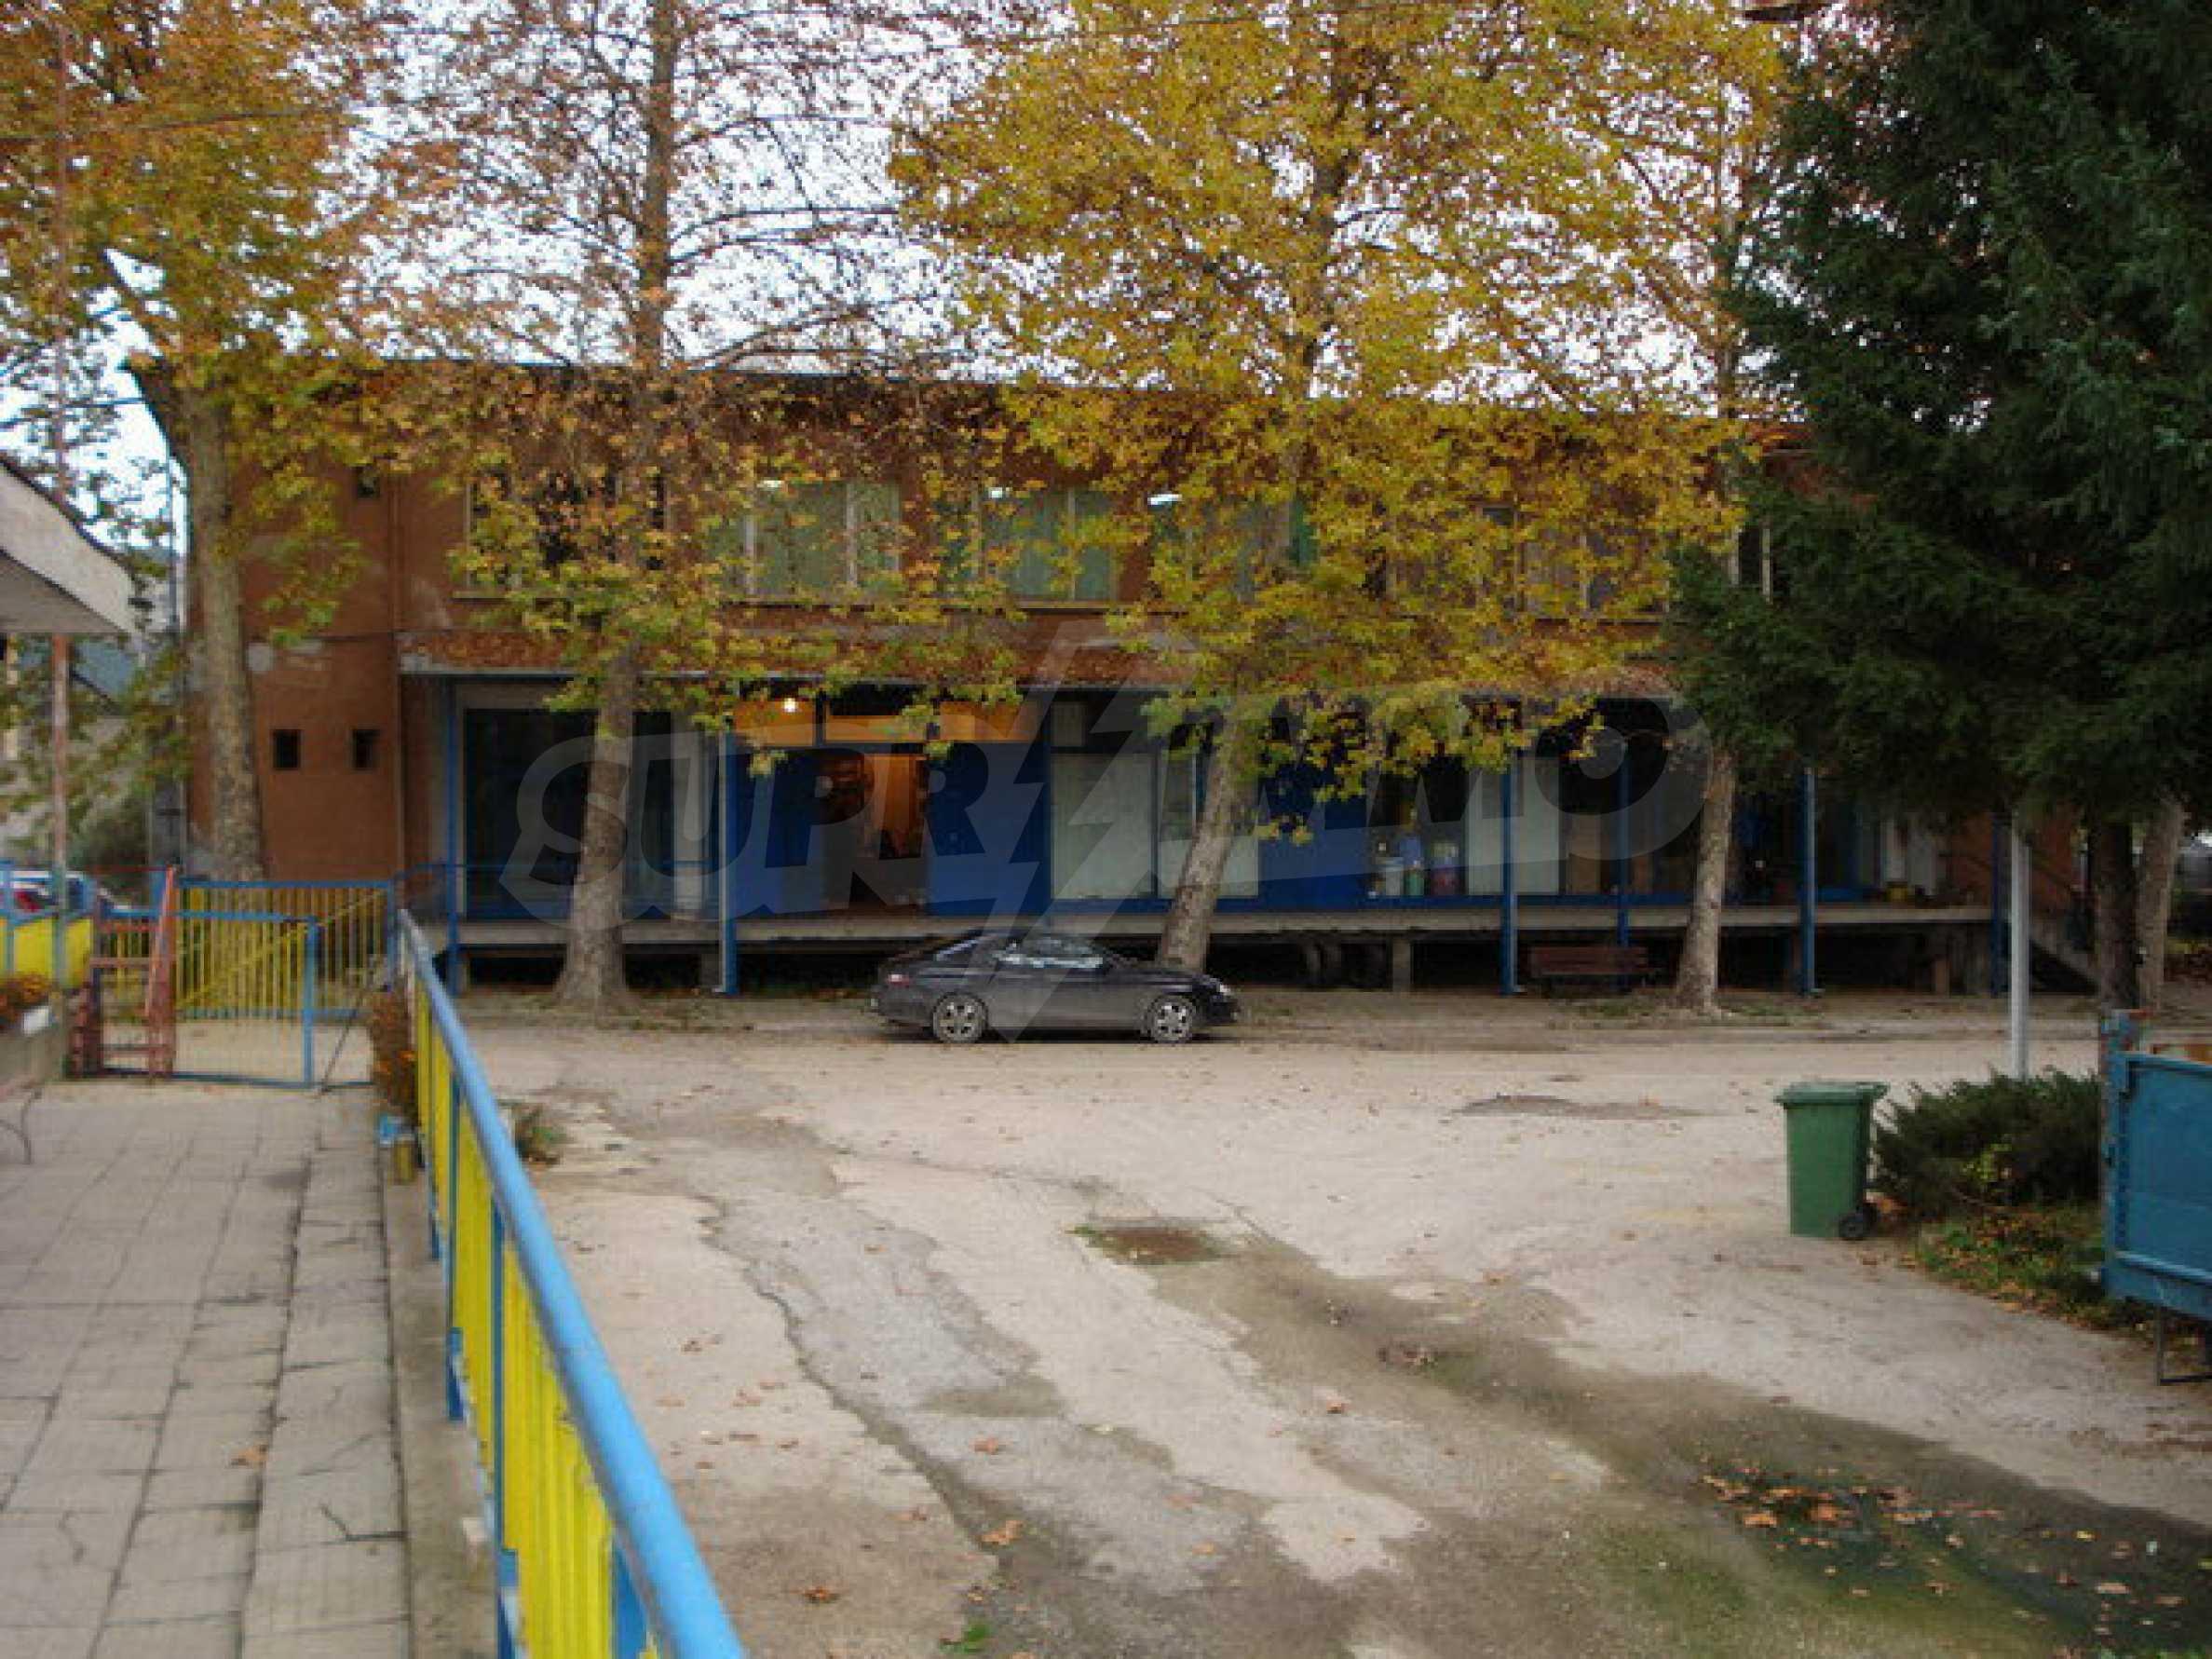 Factory for metal parts in Veliko Tarnovo 8